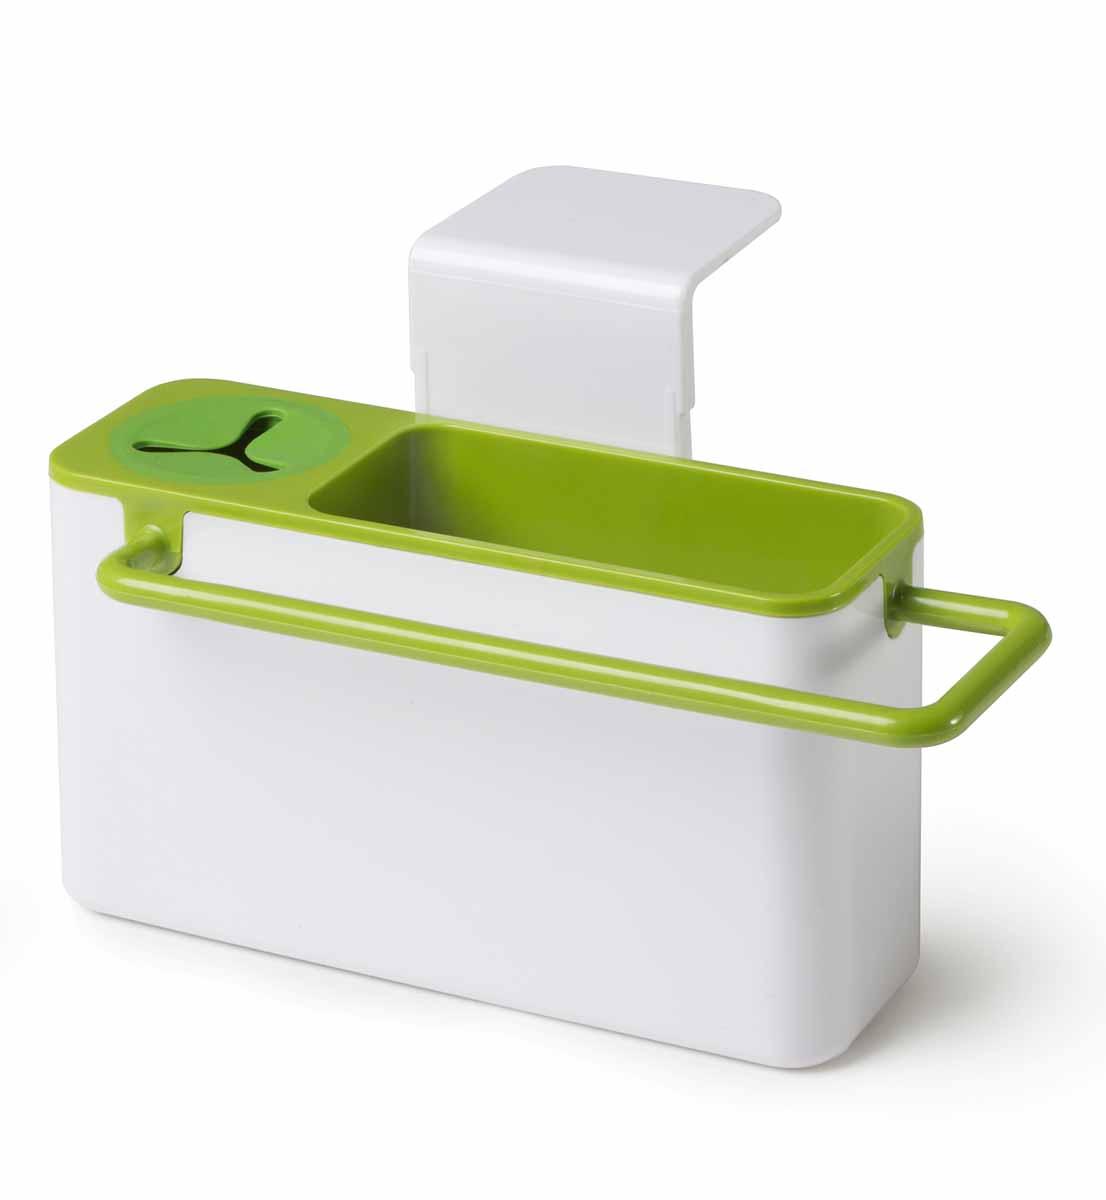 """Подставка для кухонных принадлежностей  Идея """"Mr. Чистюля"""" поможет навести на кухне полный порядок и расставить все по своим местам.  В ней найдется место для кухонной салфетки, моющего средства, ершика и губки. Подставка не только поможет вам держать под рукой необходимые для мытья посуды принадлежности, но и добавит настроения. Щетку можно поставить в отсек с силиконовым держателем, кухонную салфетку повесить на рейлинг, где она быстрей высохнет, а губку для мытья посуды положить внутрь подставки. Вся вода, которая будет собираться с моющих принадлежностей, будет стекать в раковину.  Подставка крепится на раковину мощными присосками, при необходимости она легко снимается, разбирается и моется. Размер подставки: 19 х 9 х 9 см."""